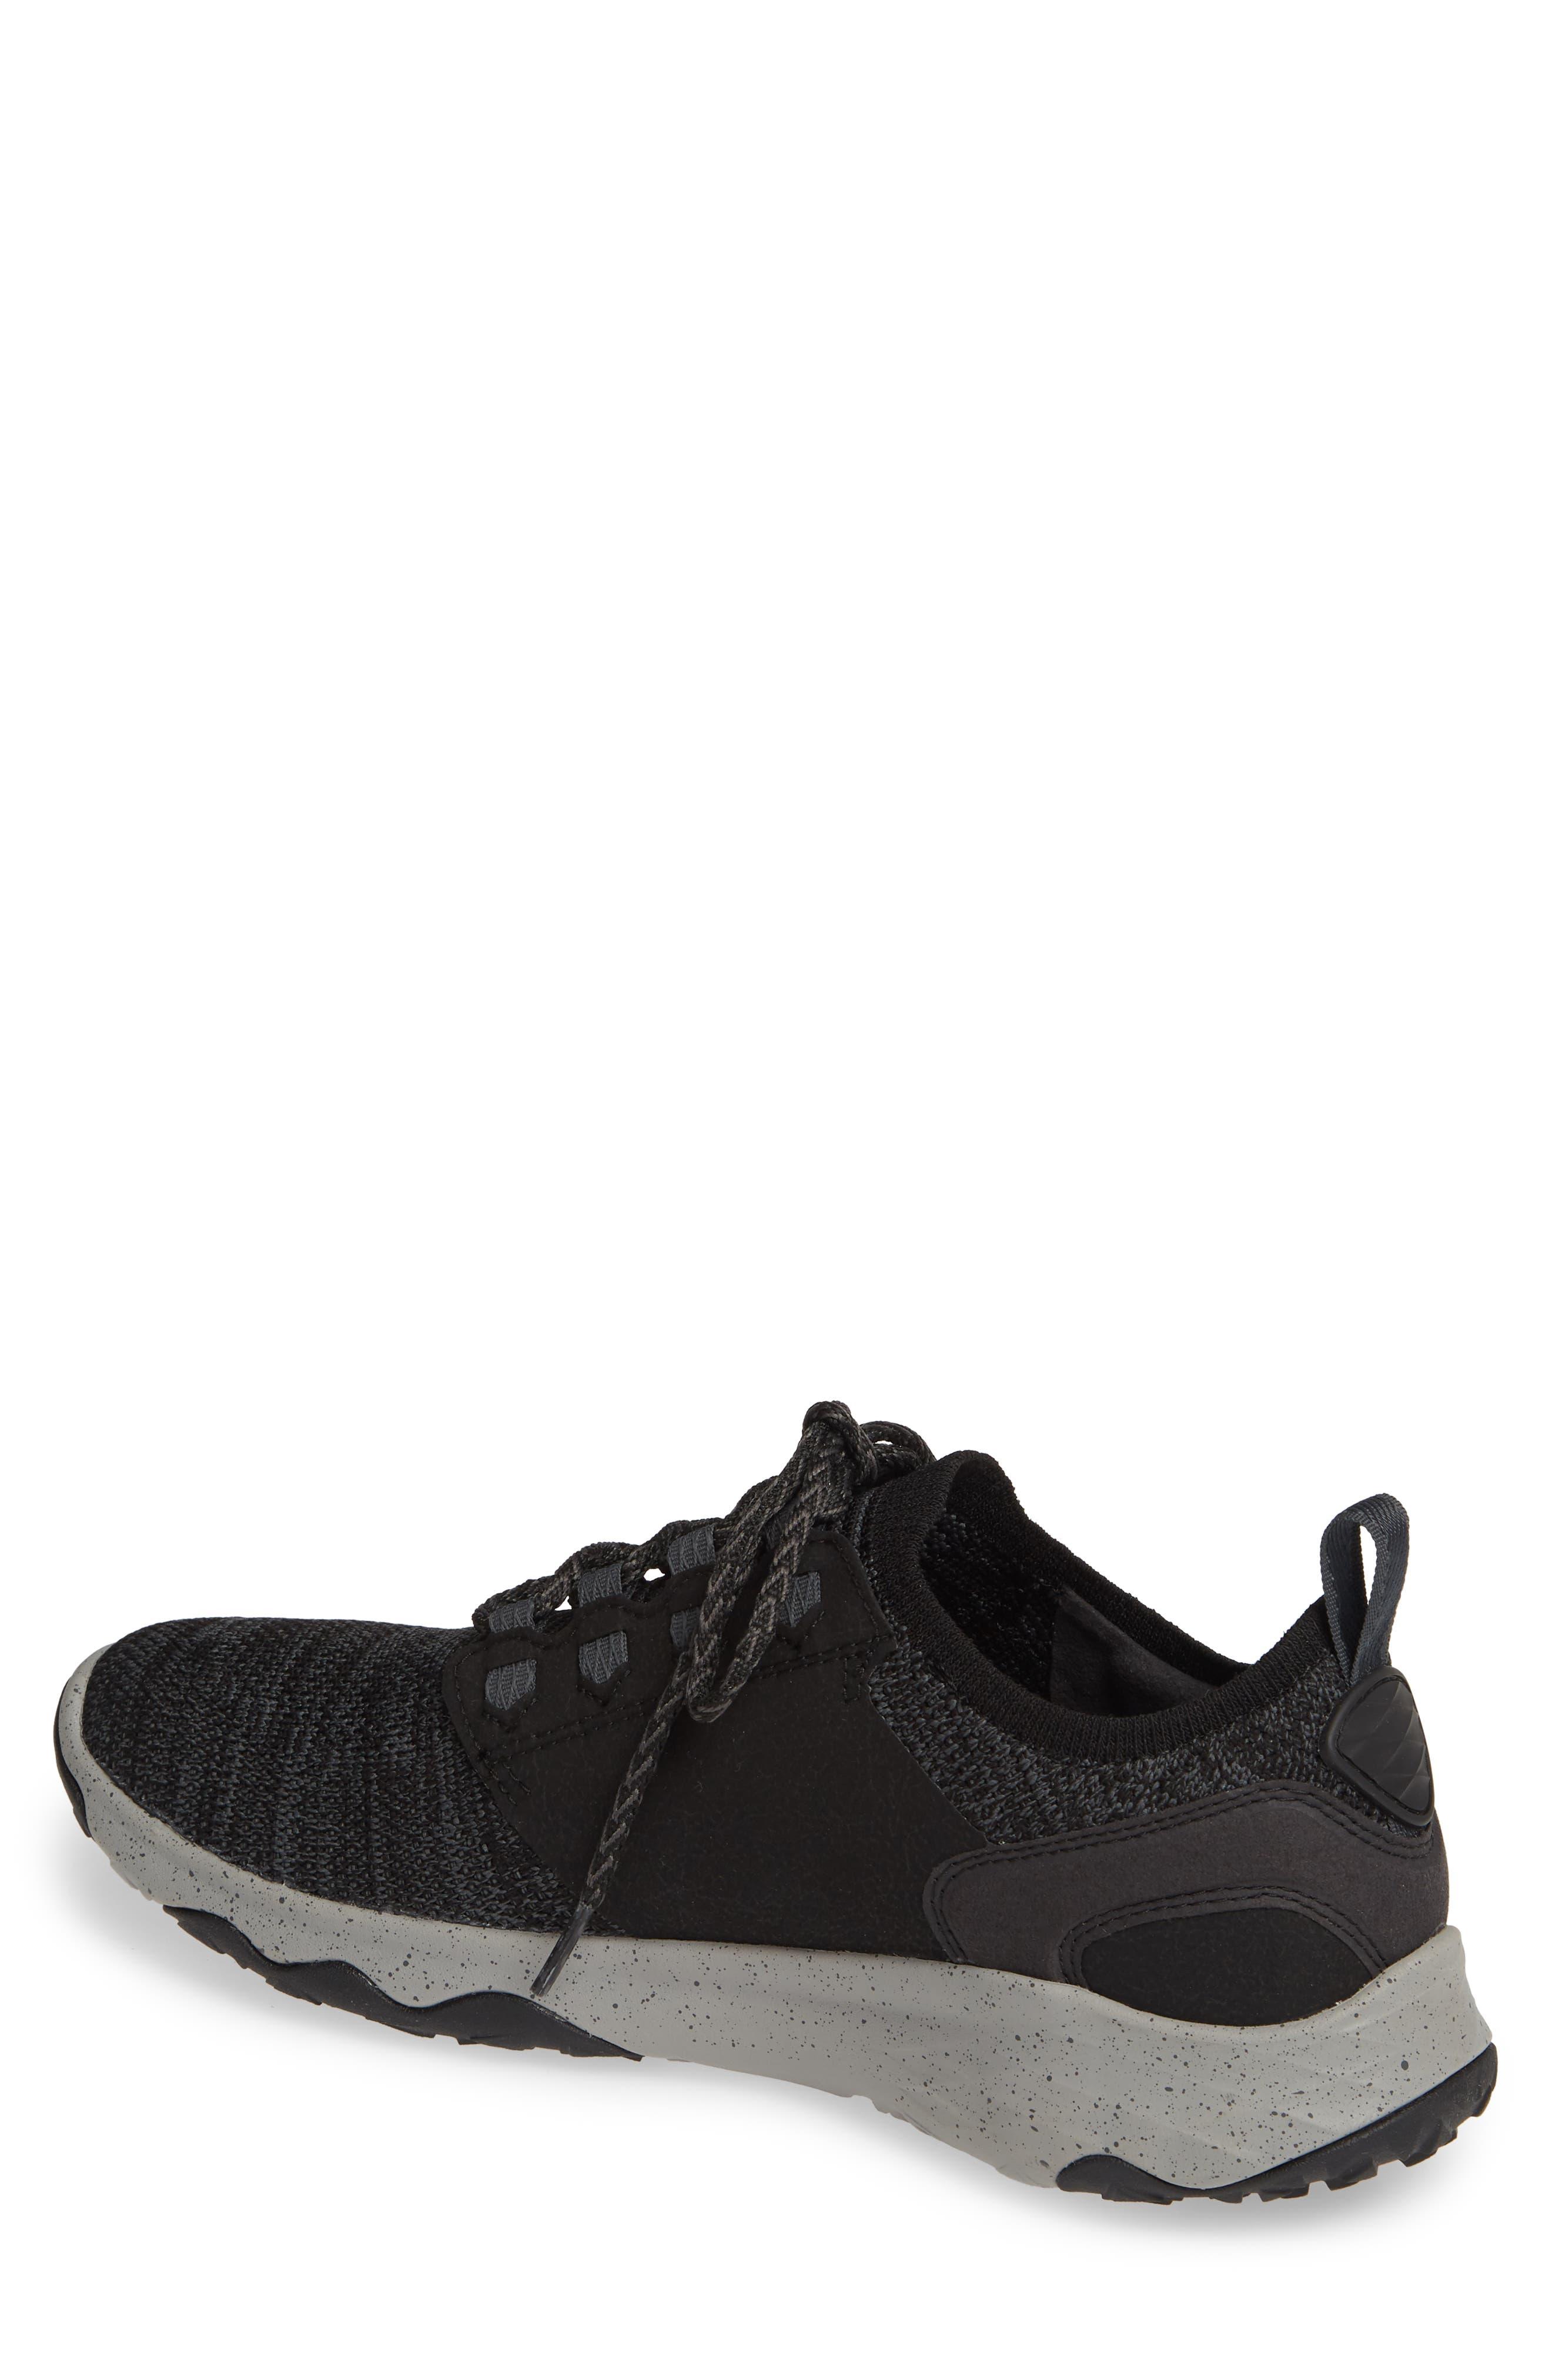 TEVA,                             Arrowood 2 Hiking Shoe,                             Alternate thumbnail 2, color,                             BLACK